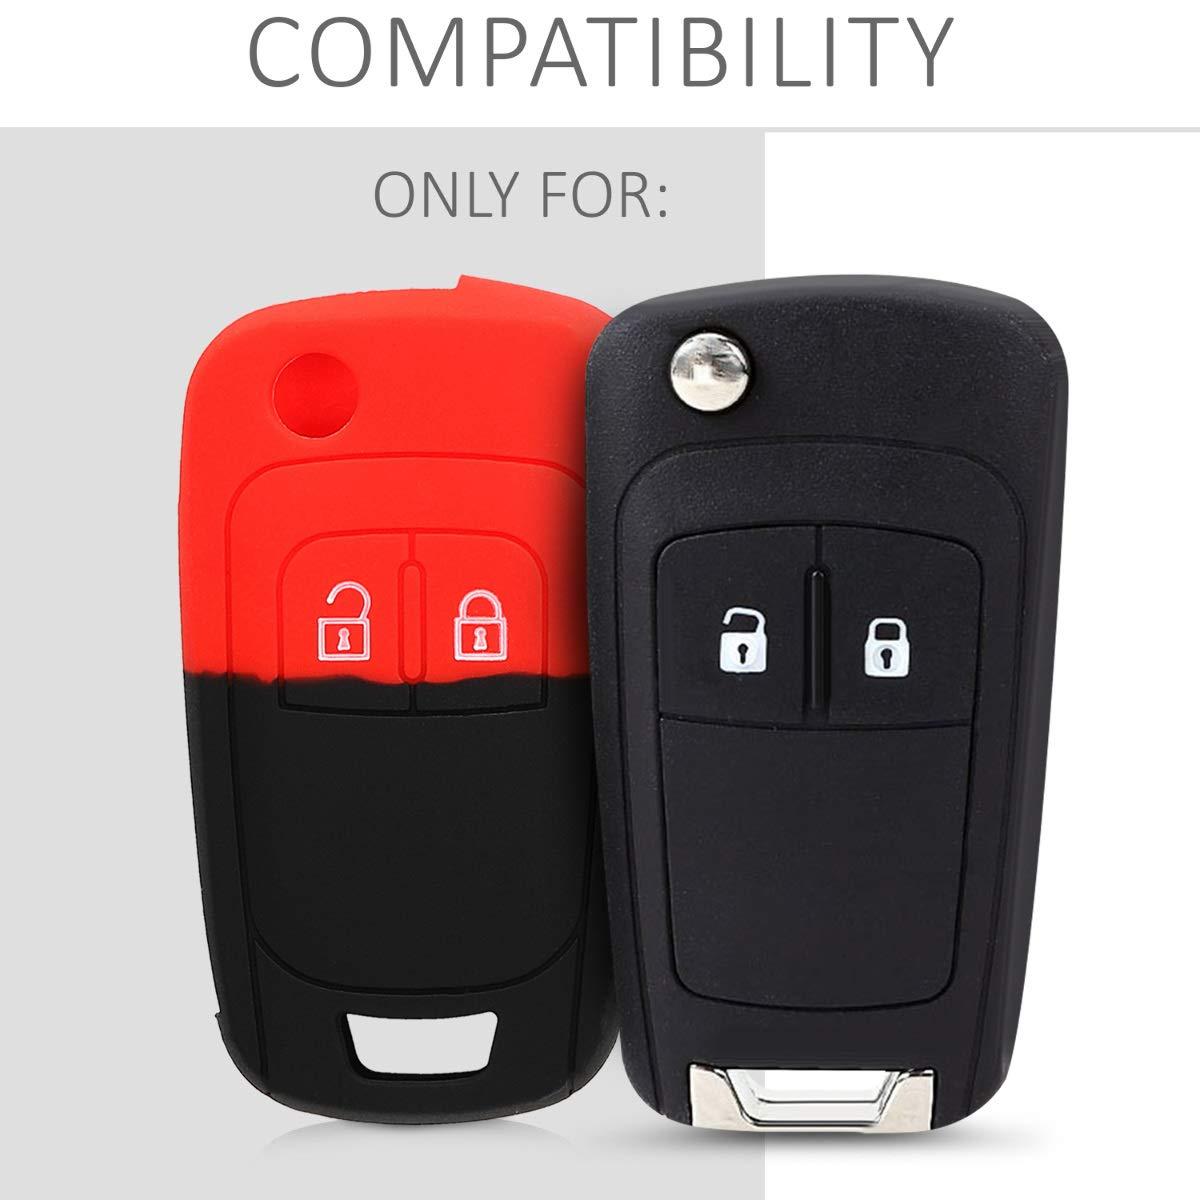 Coque pour cl/é Pliable de Voiture Opel Chevrolet 2-Bouton en Silicone Noir-Blanc-Blanc kwmobile Accessoire cl/é de Voiture pour Opel /Étui de Protection Souple